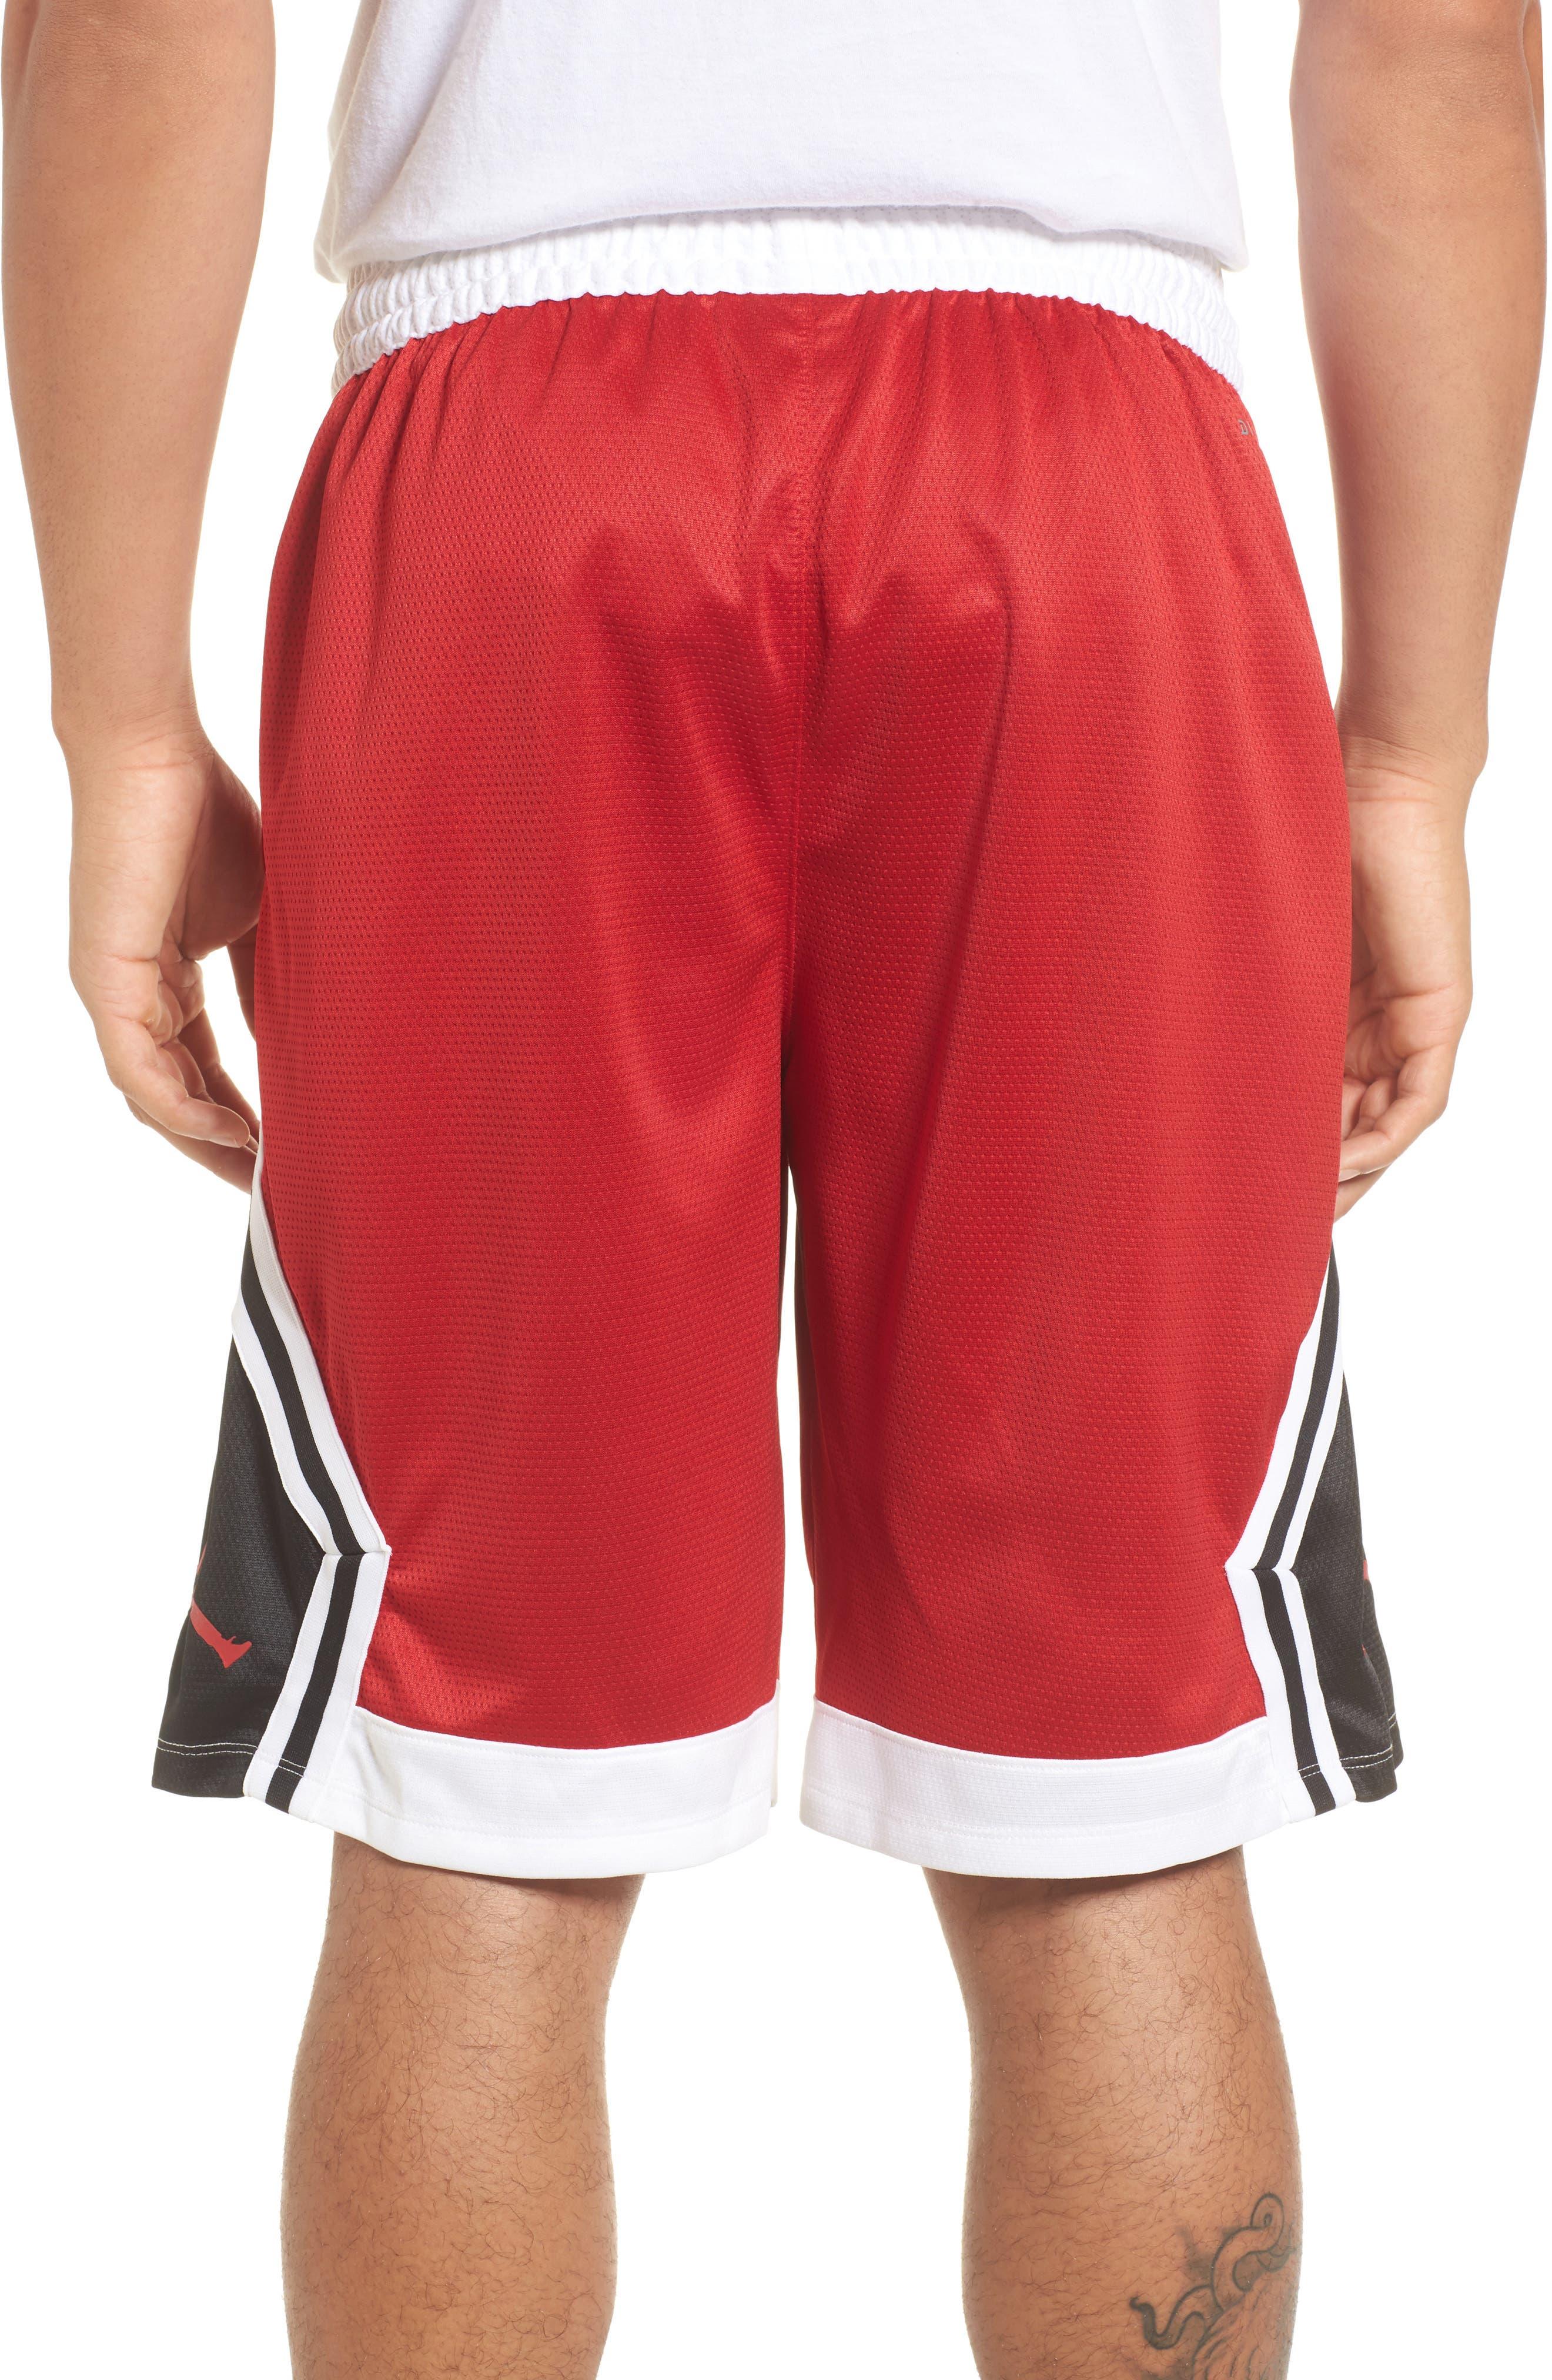 Sportswear Rise Diamond Shorts,                             Alternate thumbnail 12, color,